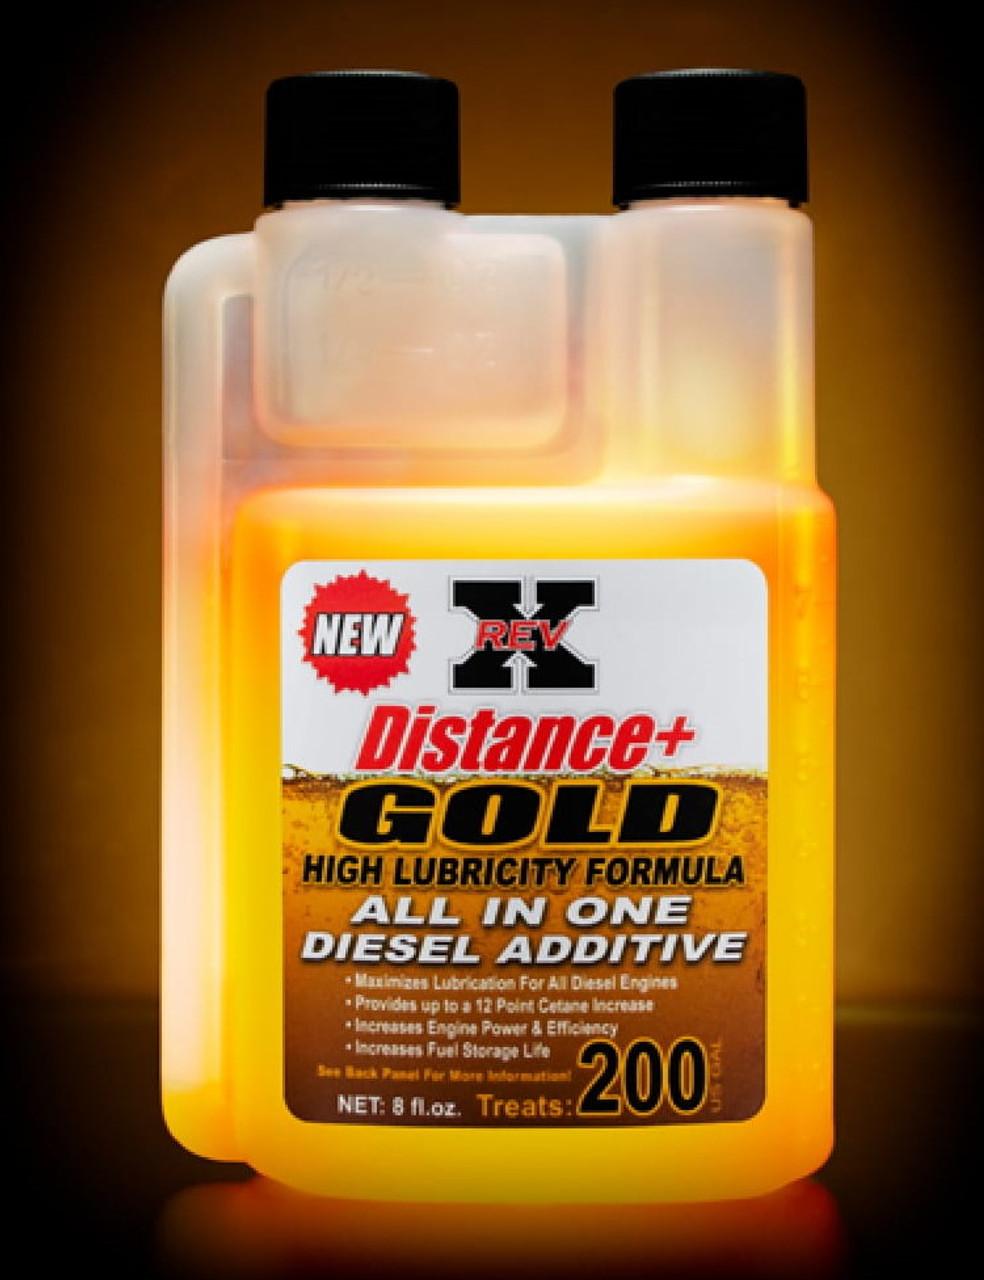 Diesel Fuel Additive Fuel Treatment Revx Distance Plus 8 Oz Bottle